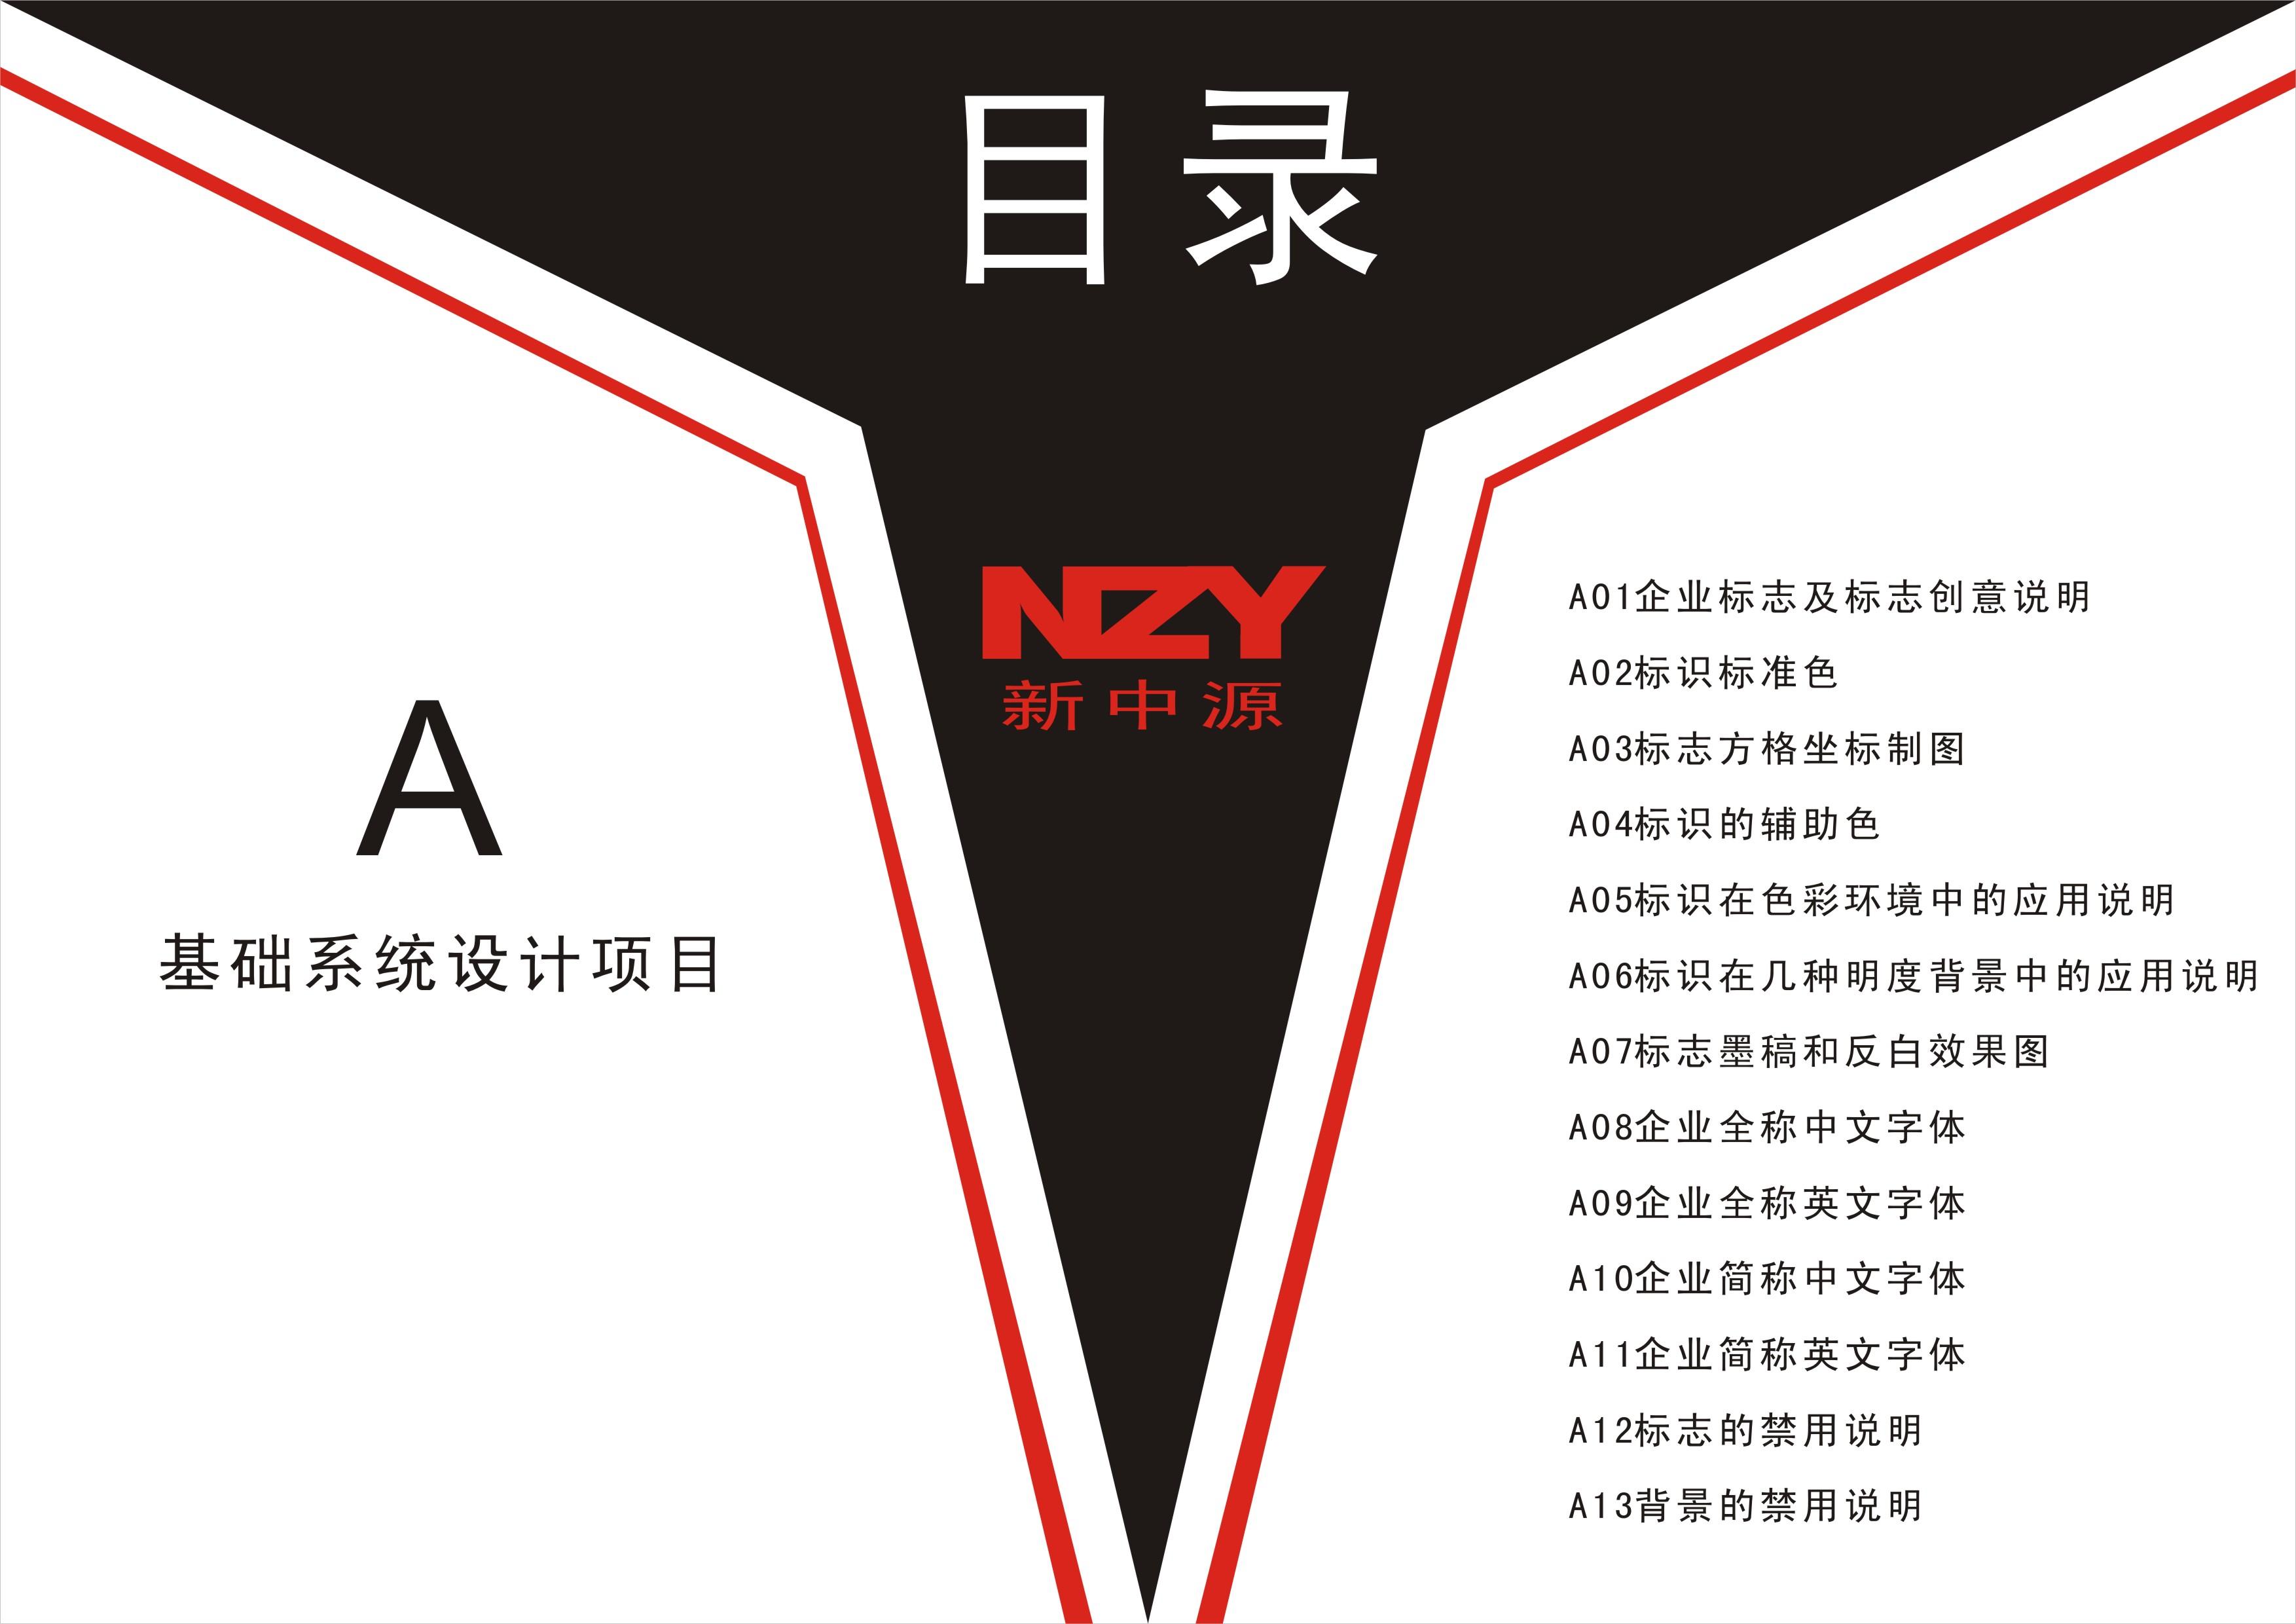 2010深圳新中源陶瓷有限公司vi手册图片